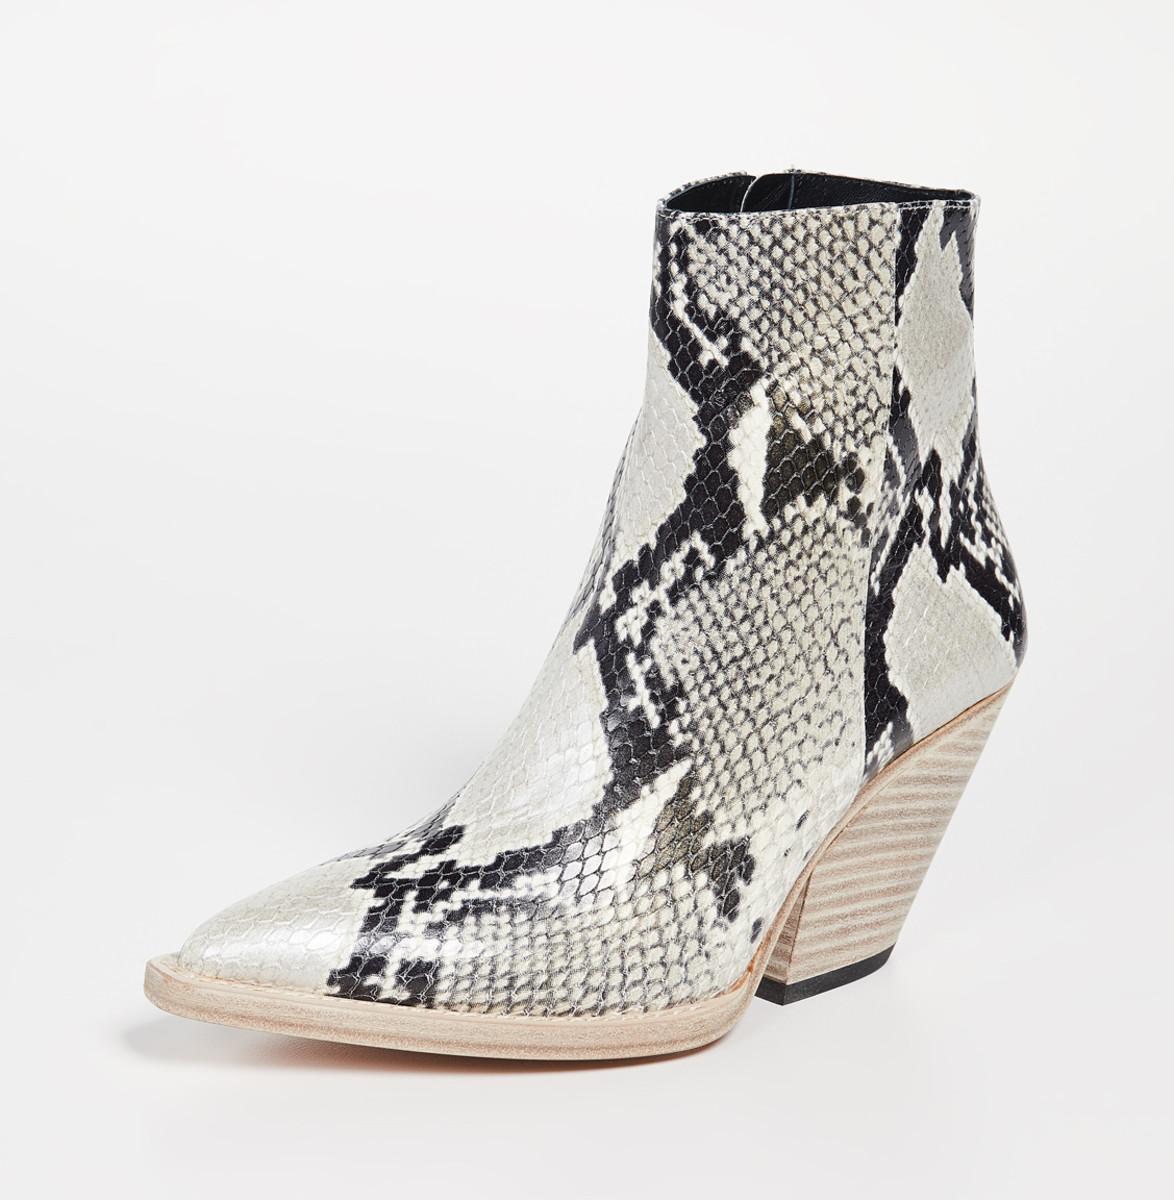 Iro Arezela Boots, $795, available here.